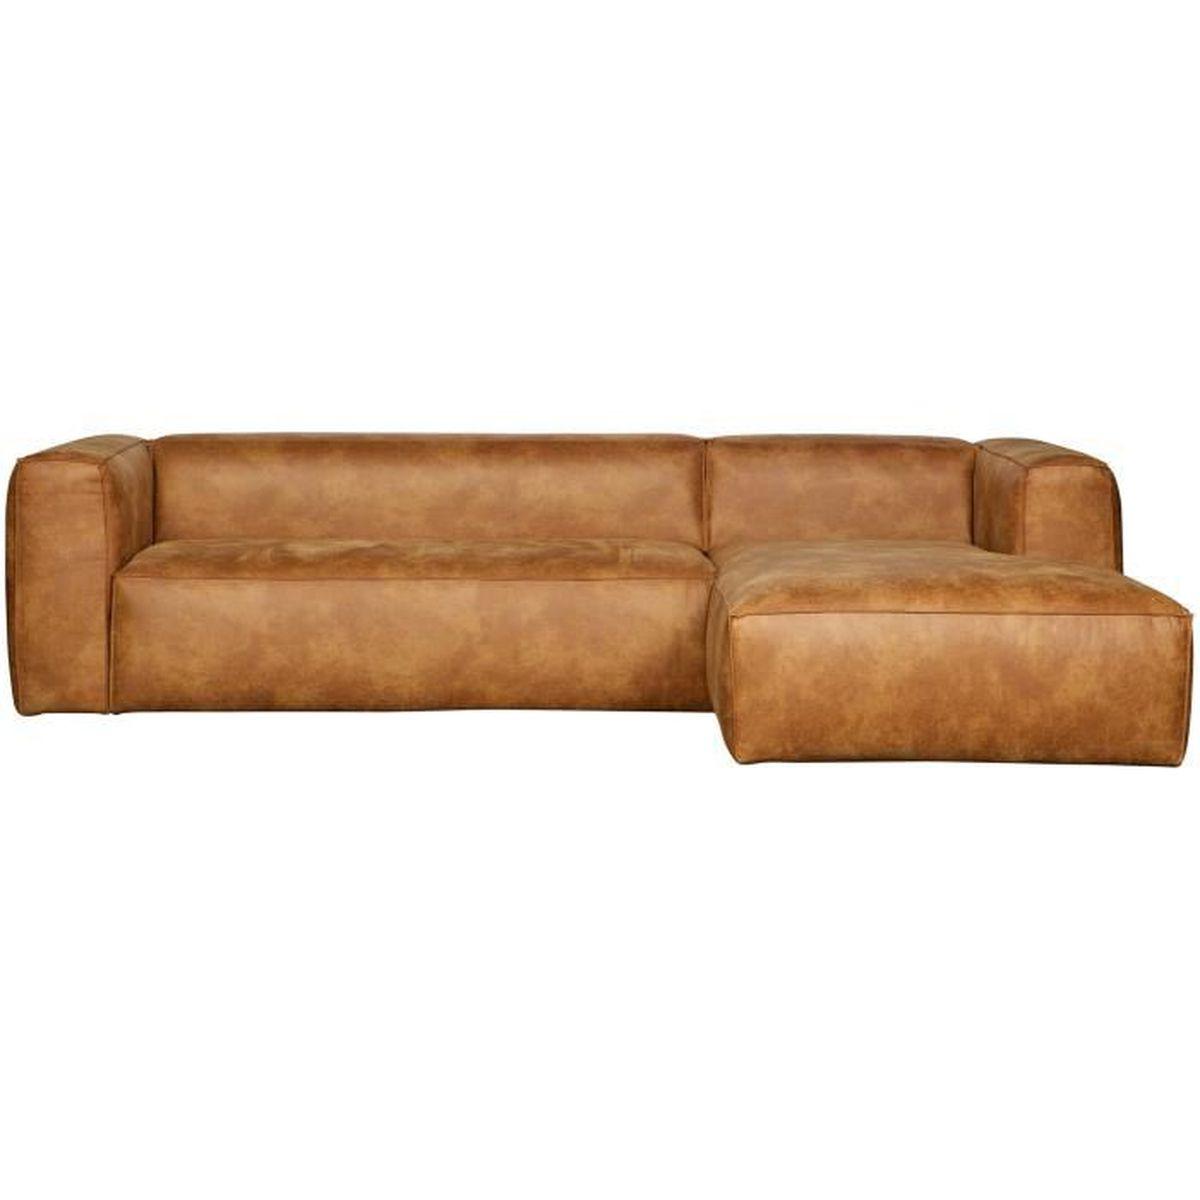 H Et H Canapé canapé d'angle droit en cuir et polyester coloris cognac